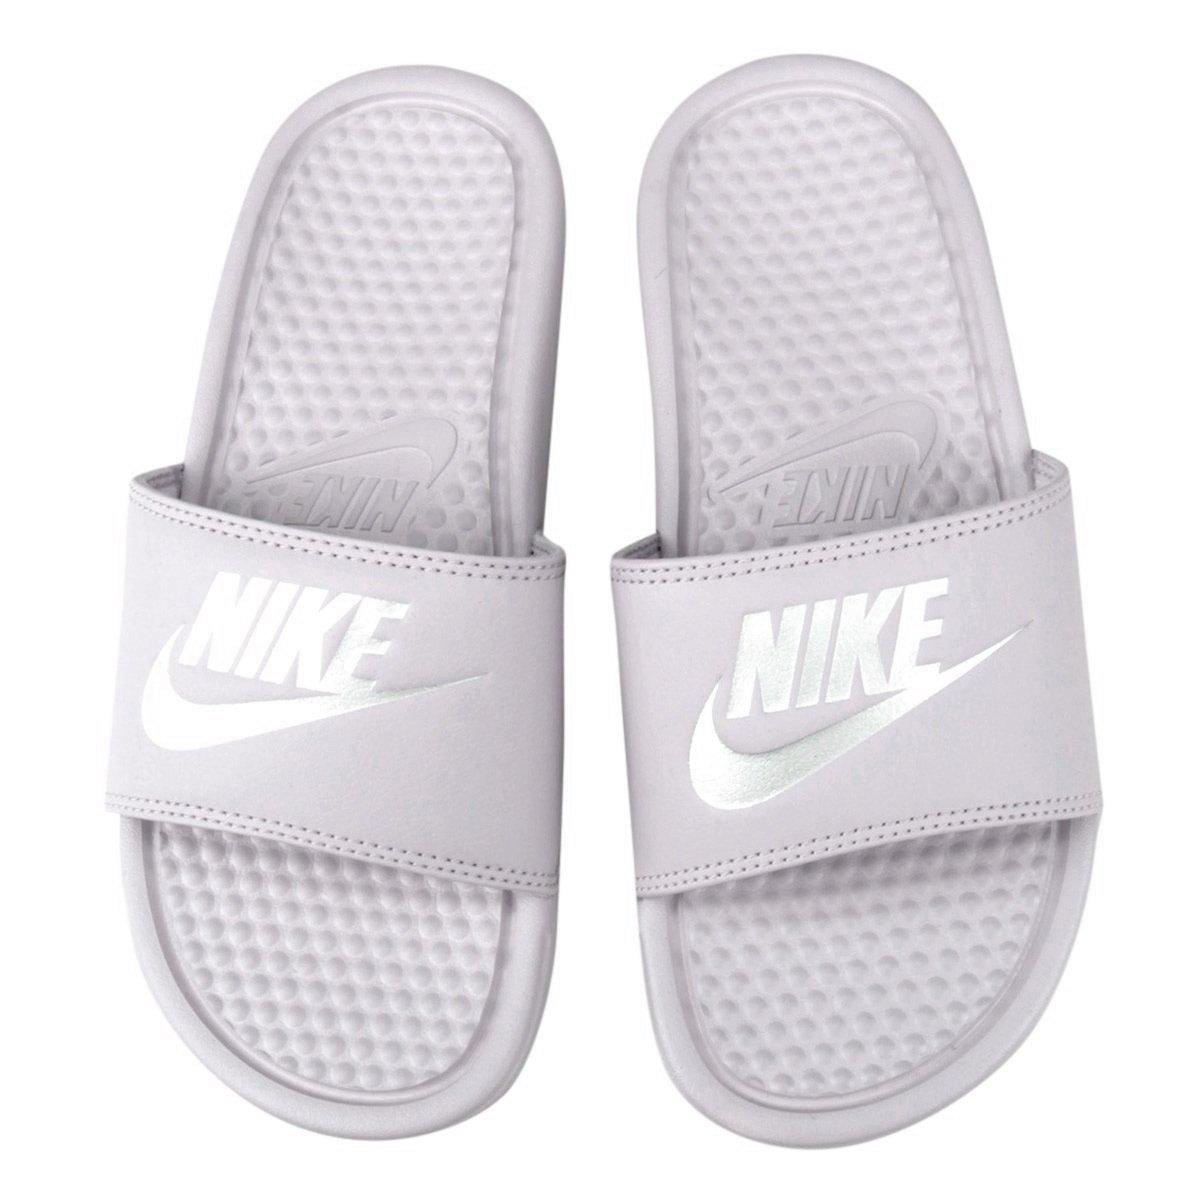 9de7f5a7de4e Sandália Nike Benassi JDI 343881-614 - Rosa Prata - Calçados Online ...